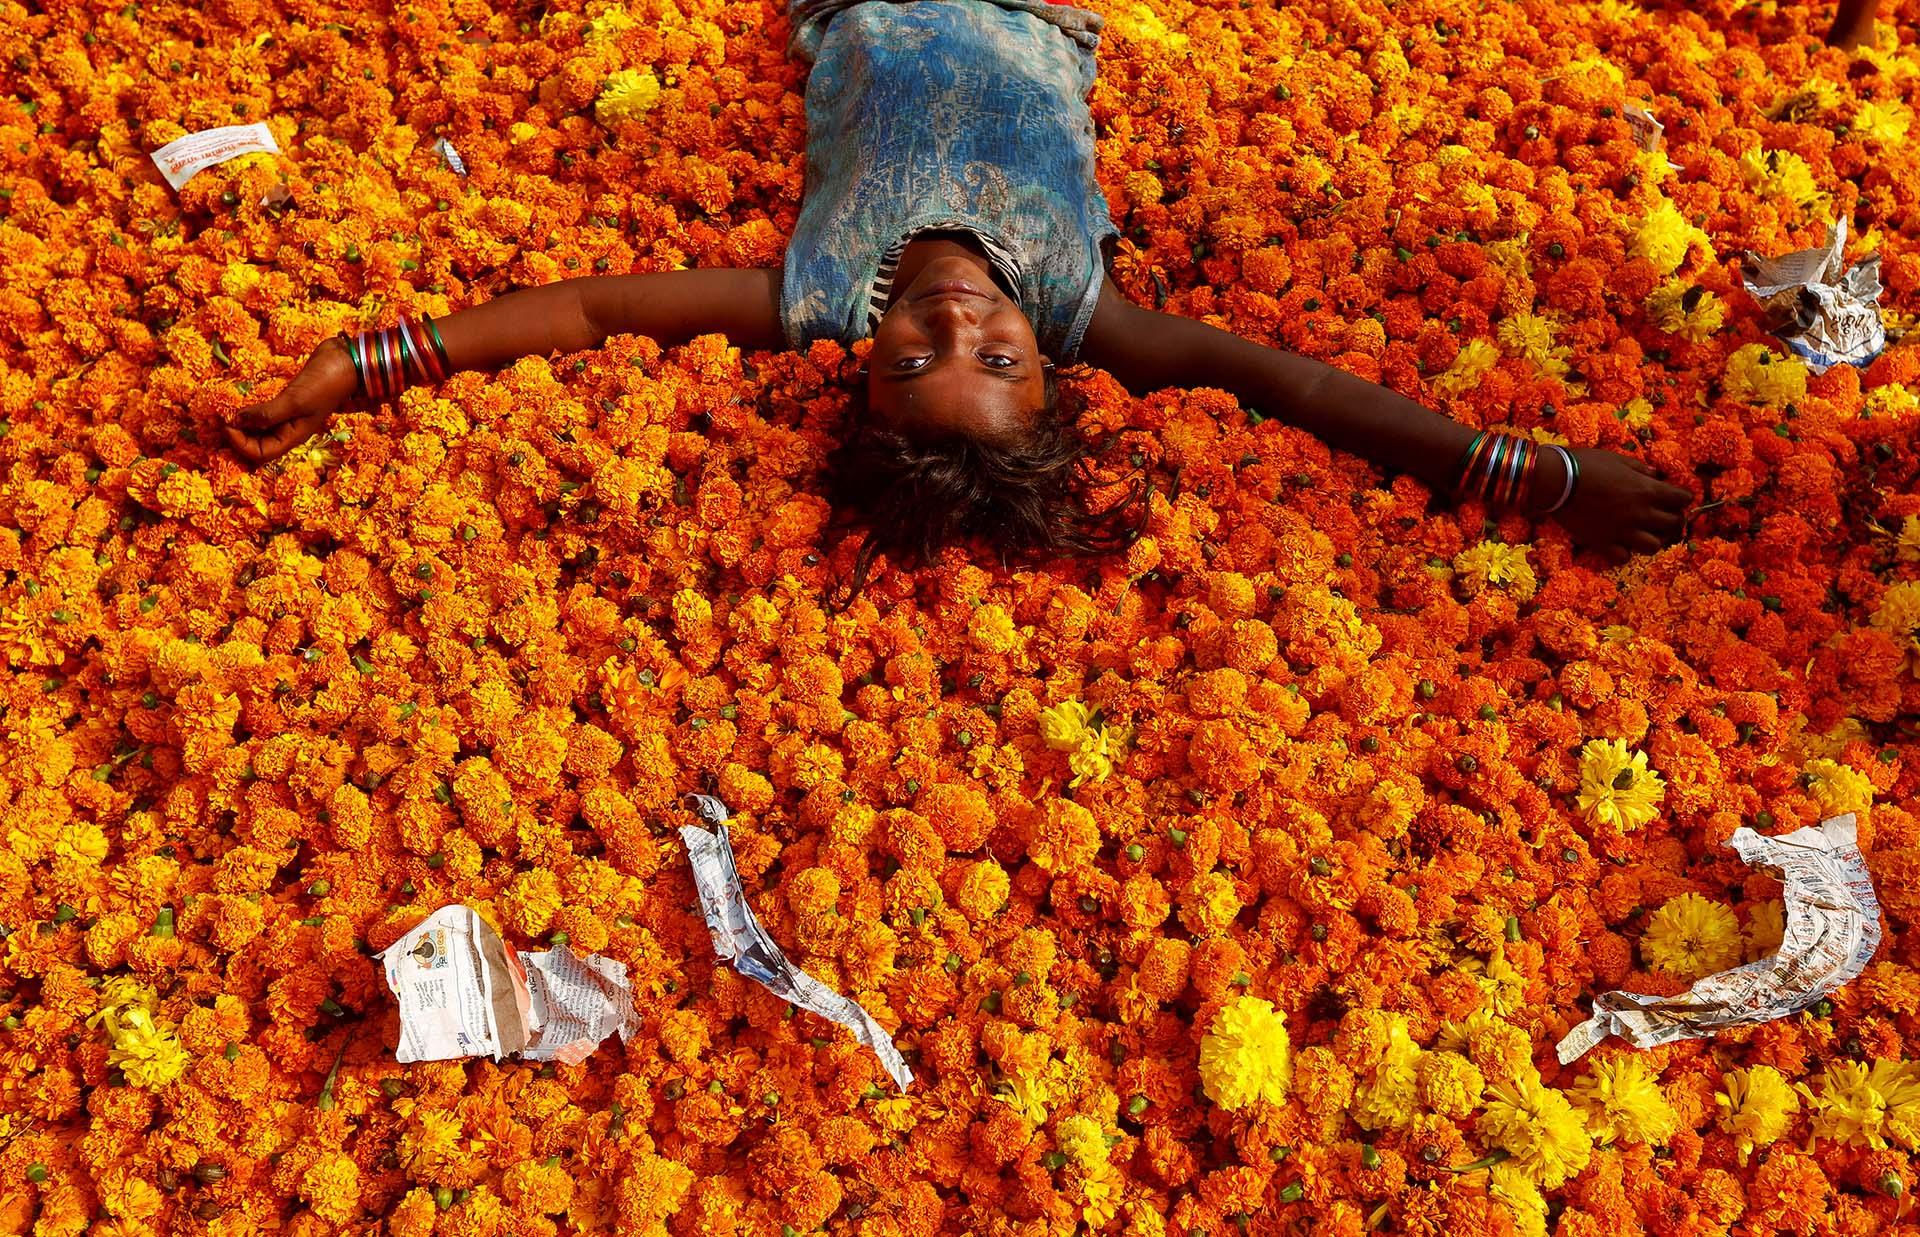 Una muchacha juega sobre flores desechadas fuera de un mercado, el día después de las celebraciones de Diwali en Mumbai